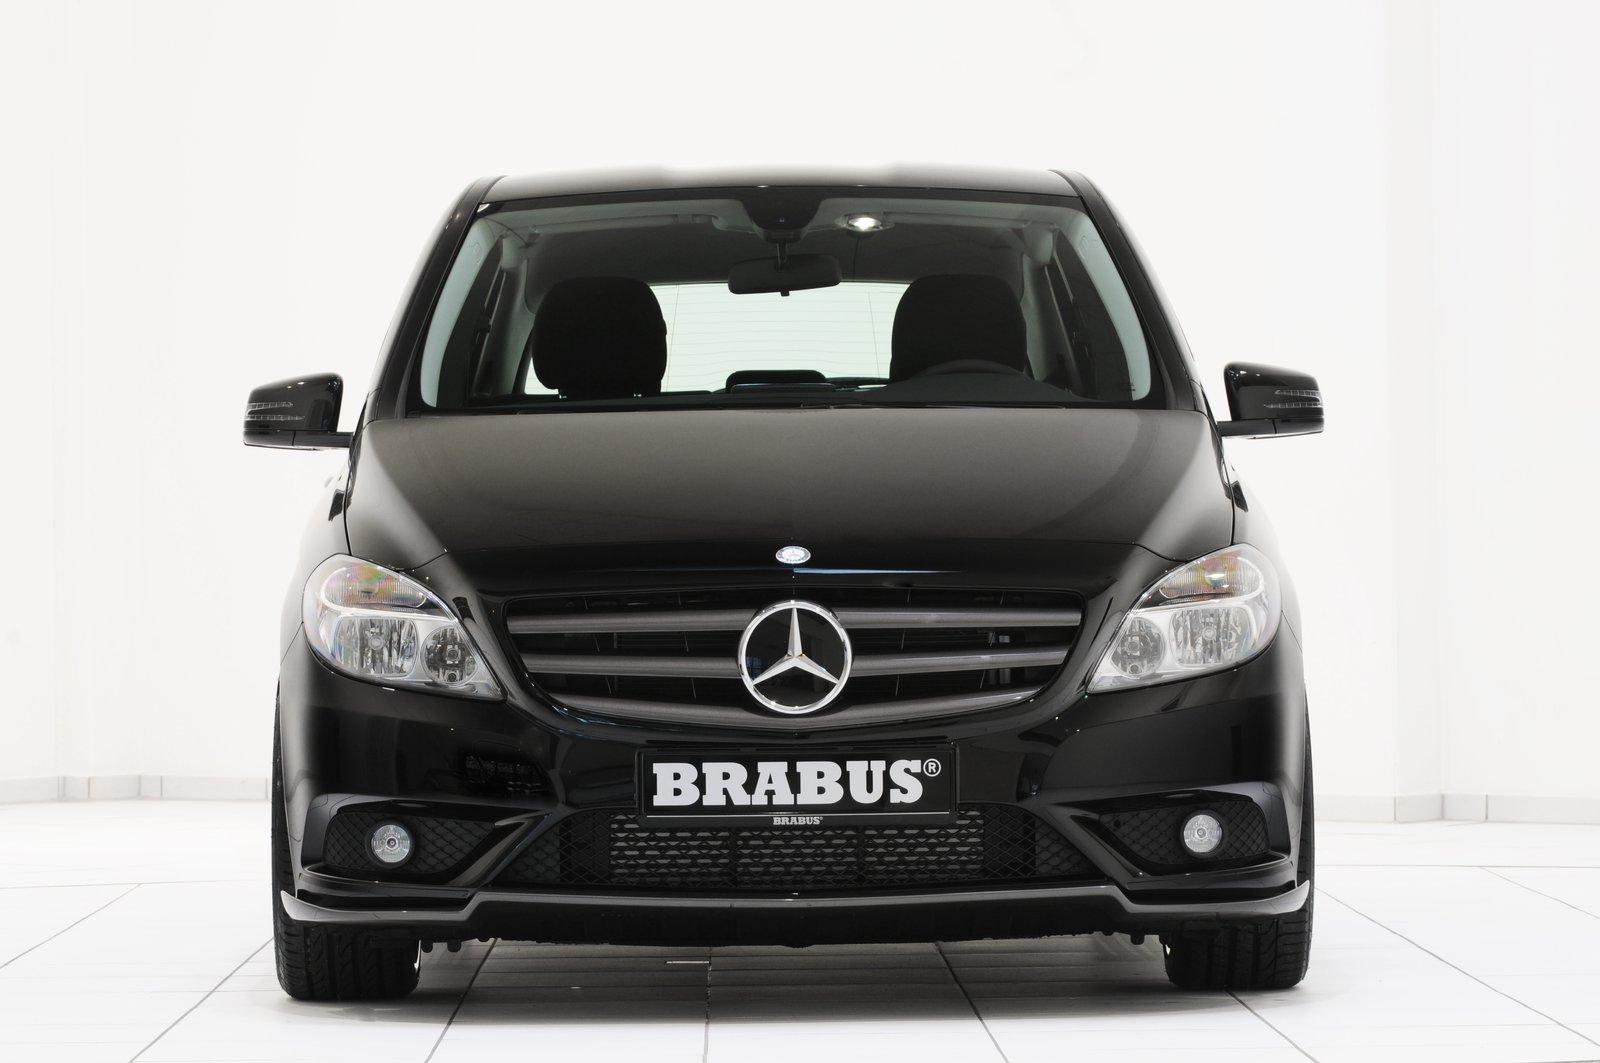 Mersedes-Benz B-class